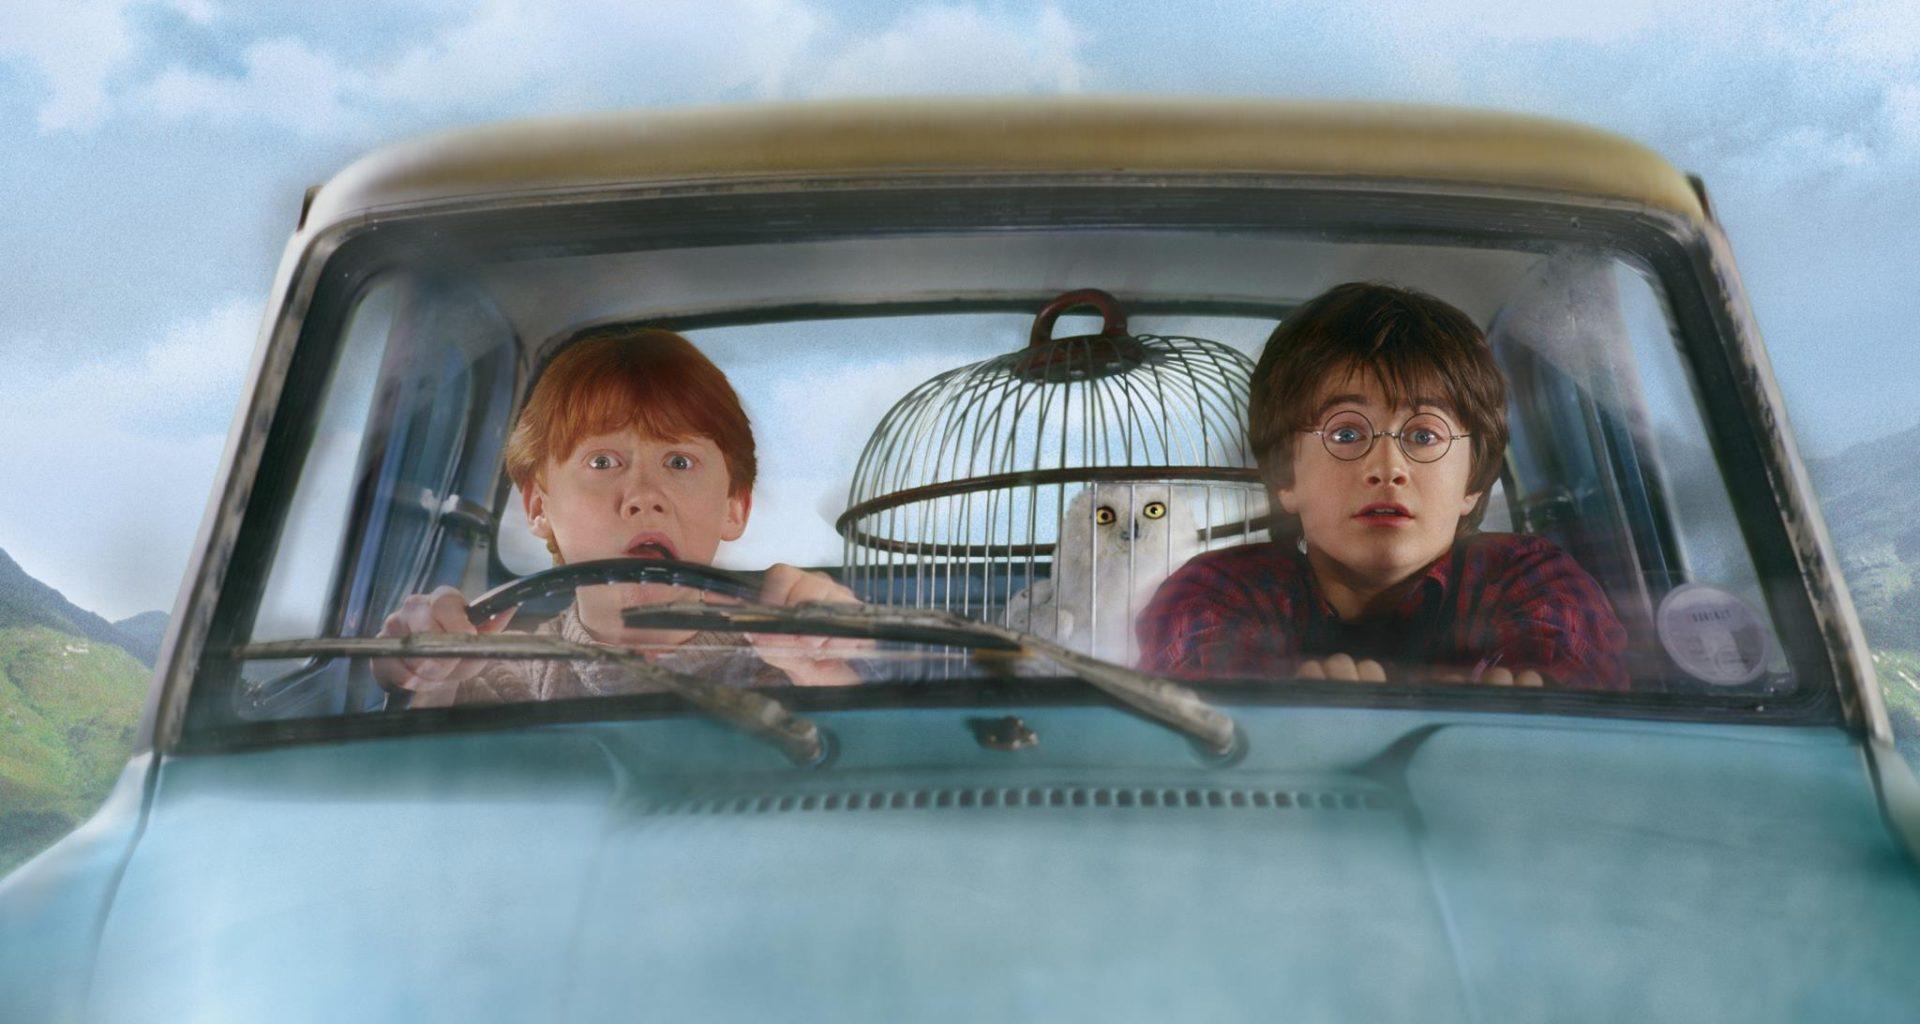 Harry Potter, movie, Budapest, café, Hungary